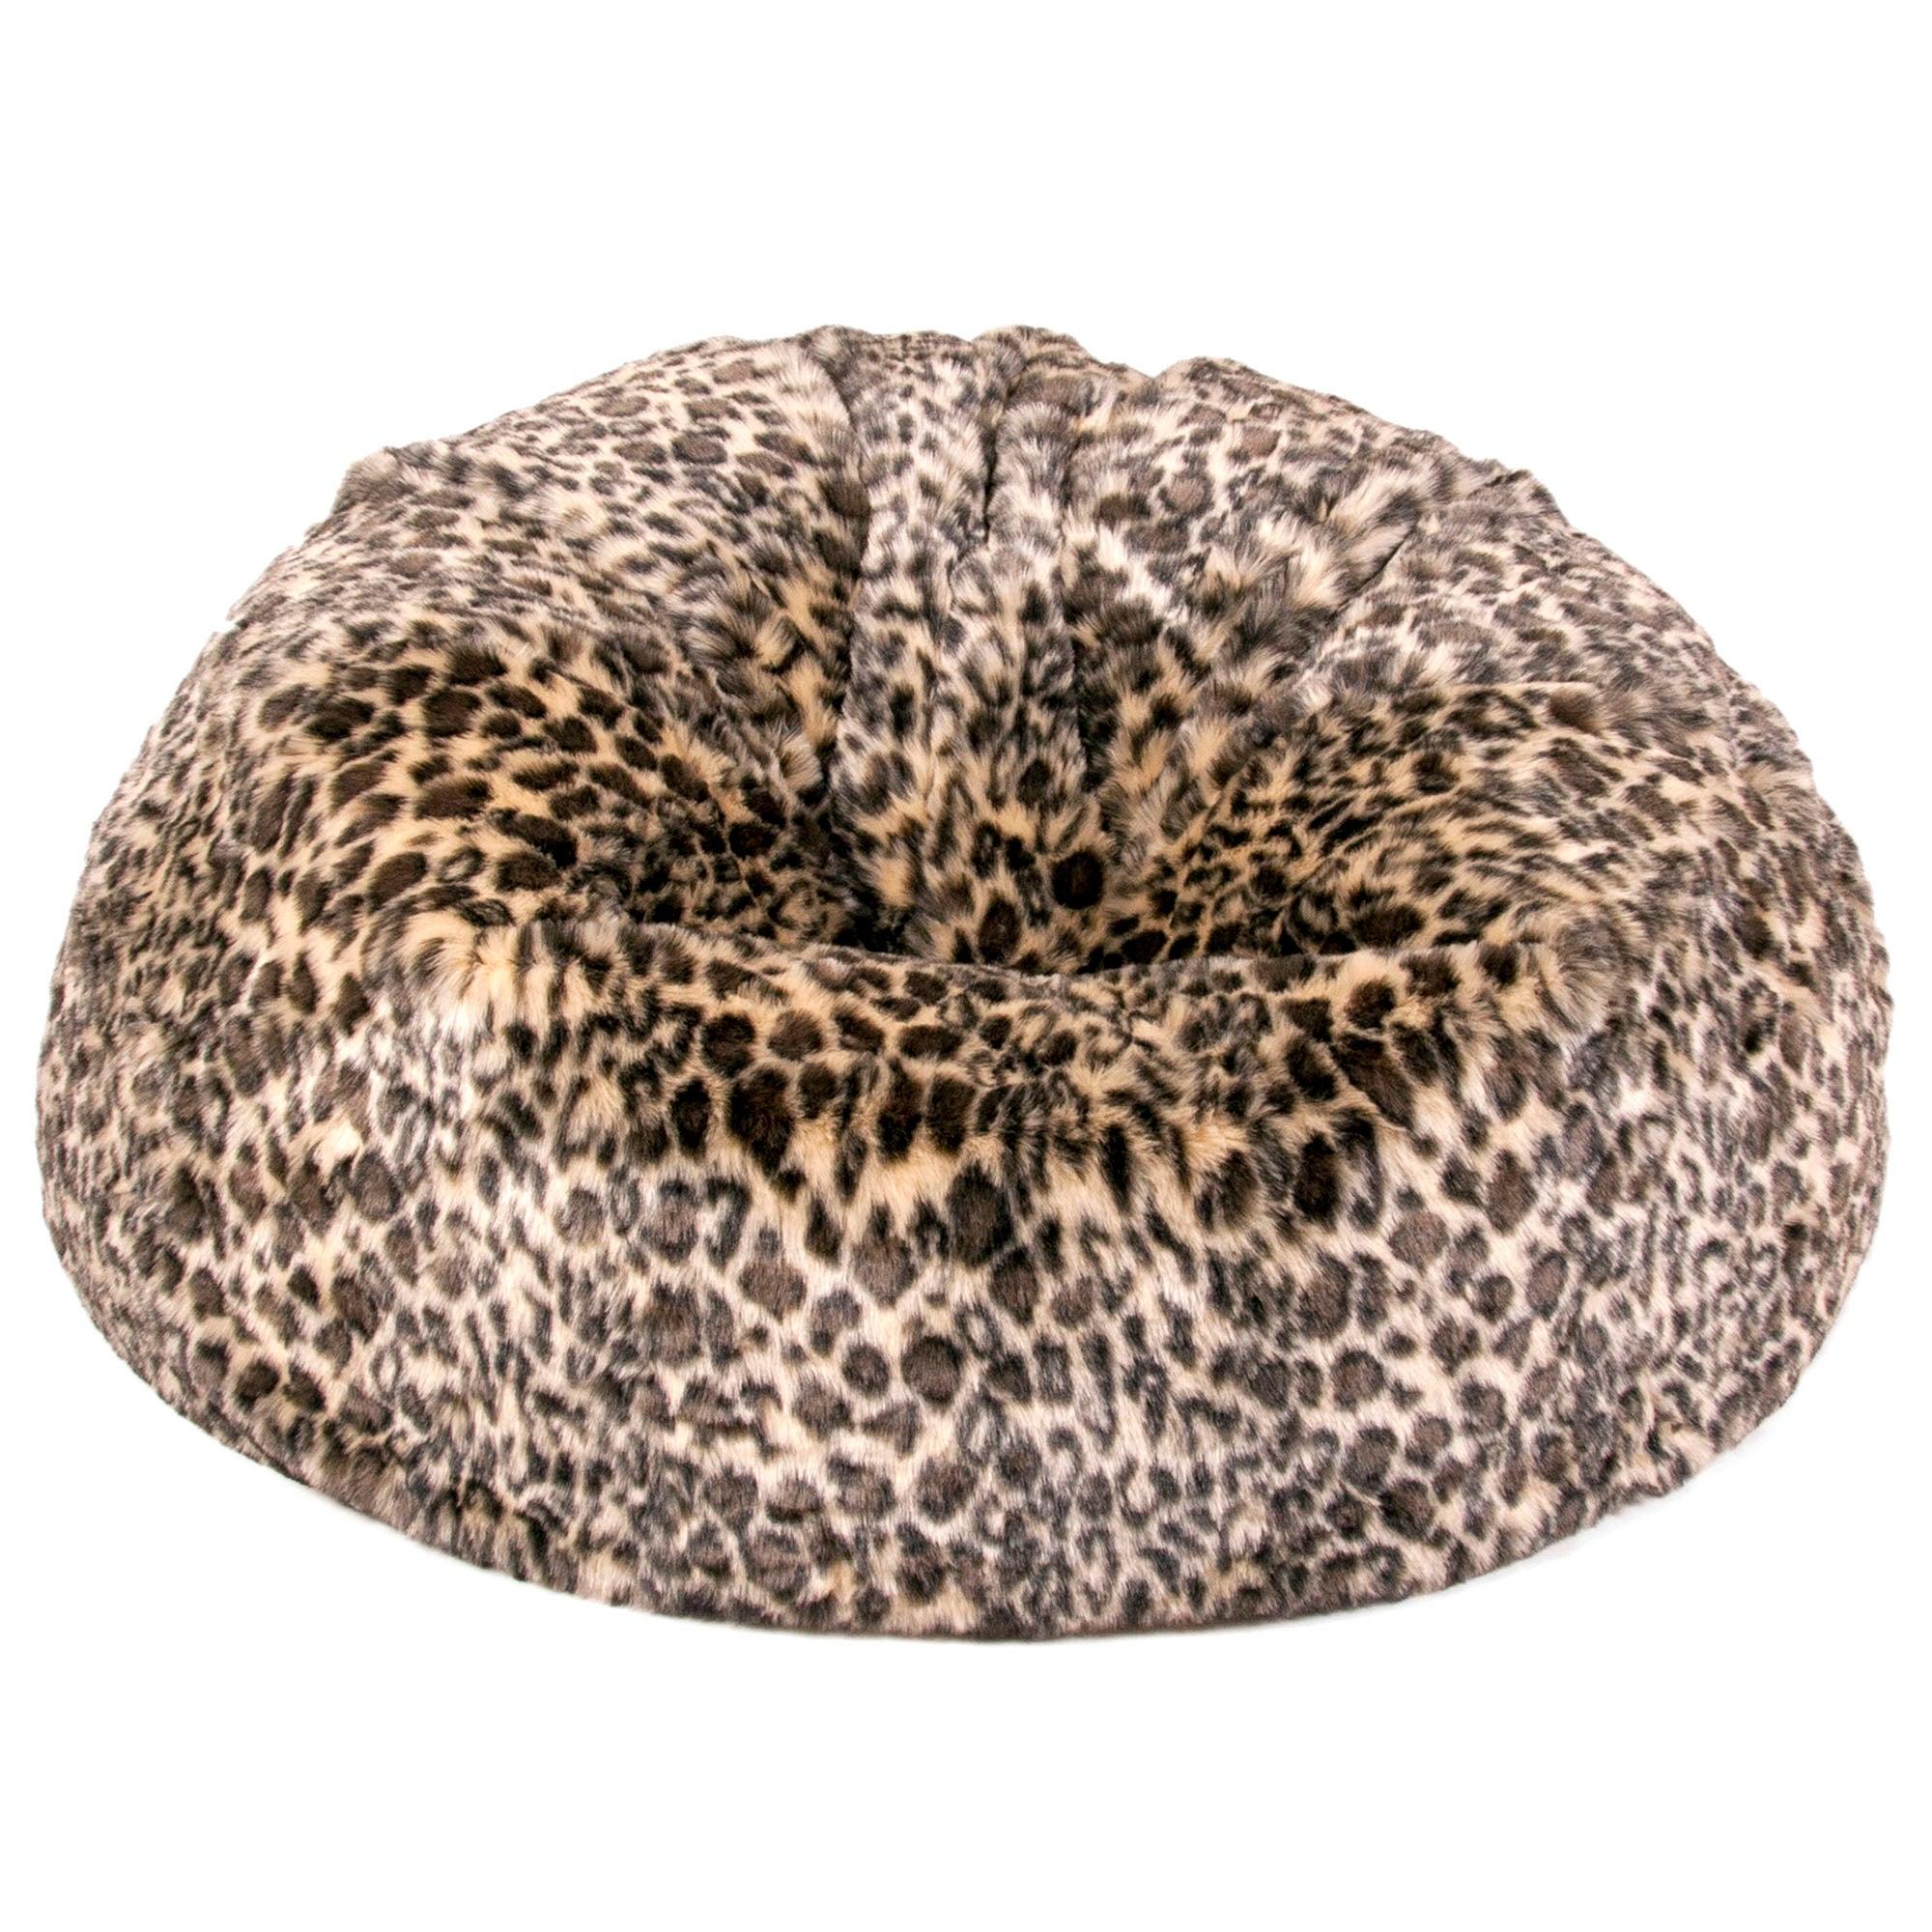 Pure Luxury Faux Fur Bagel